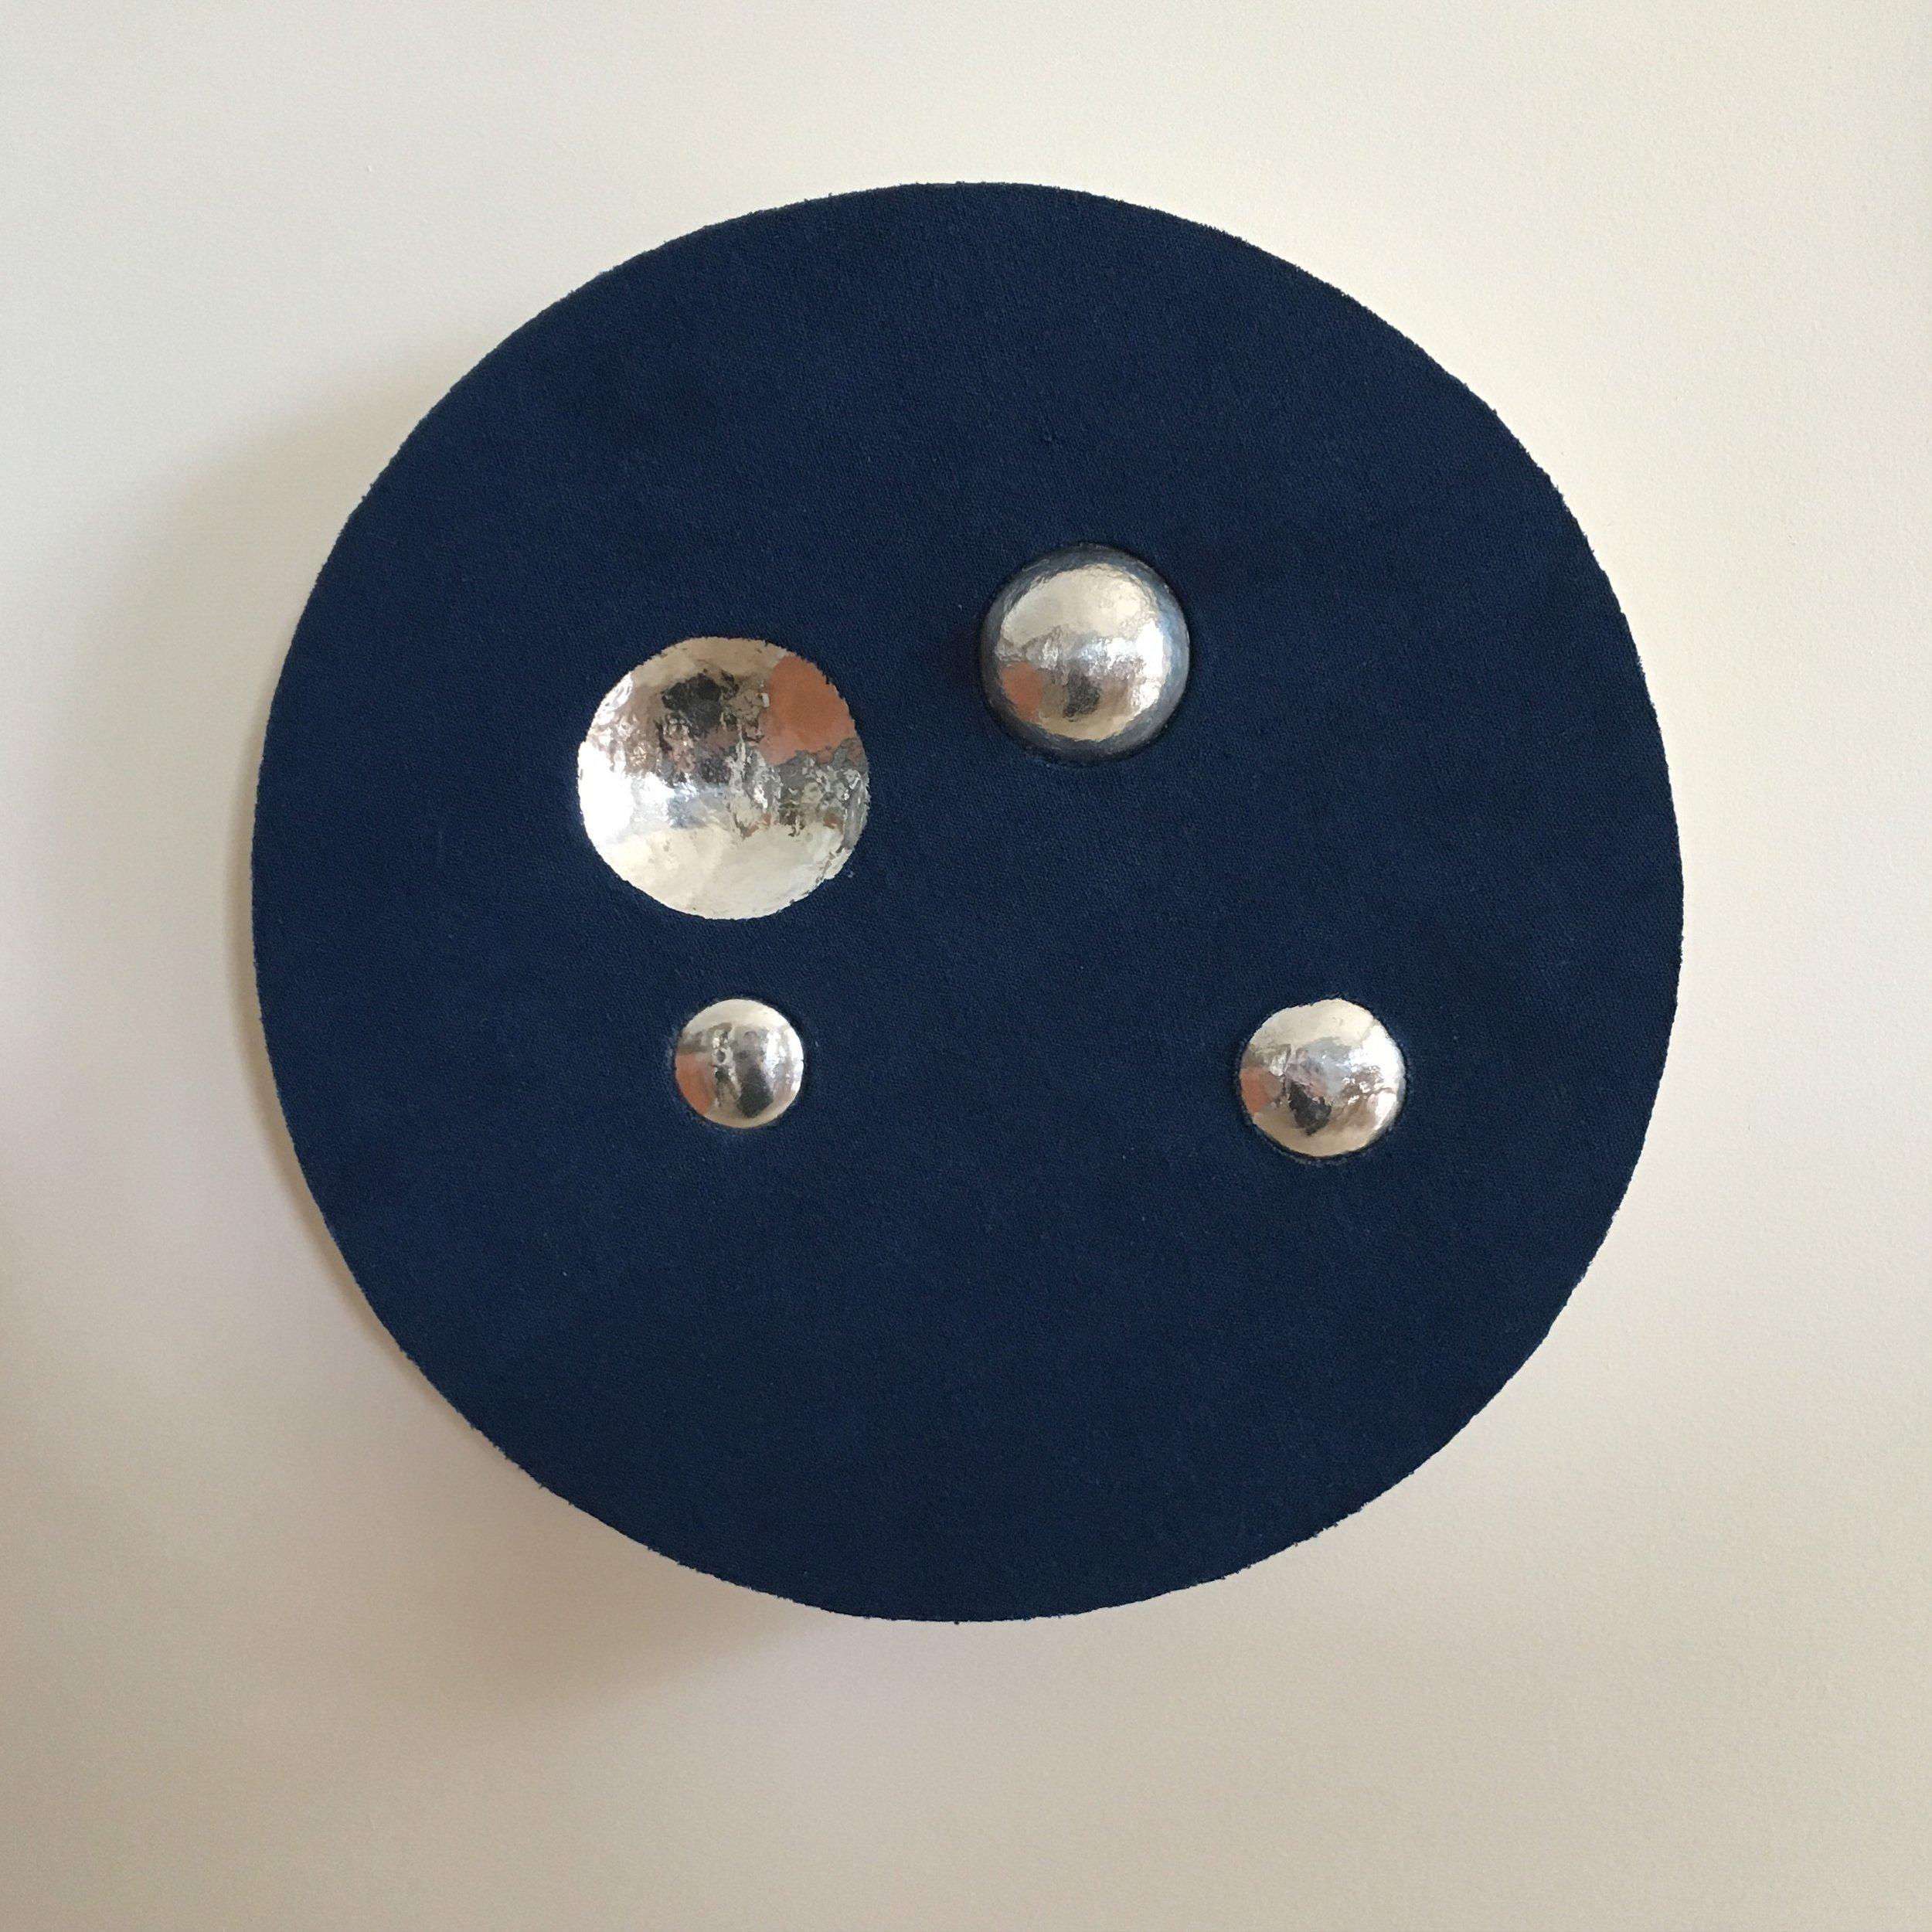 Indigo spaces between reflecting    Indigo dyed cotton mounted onto layered plywood with aluminium385 x 385 x 70